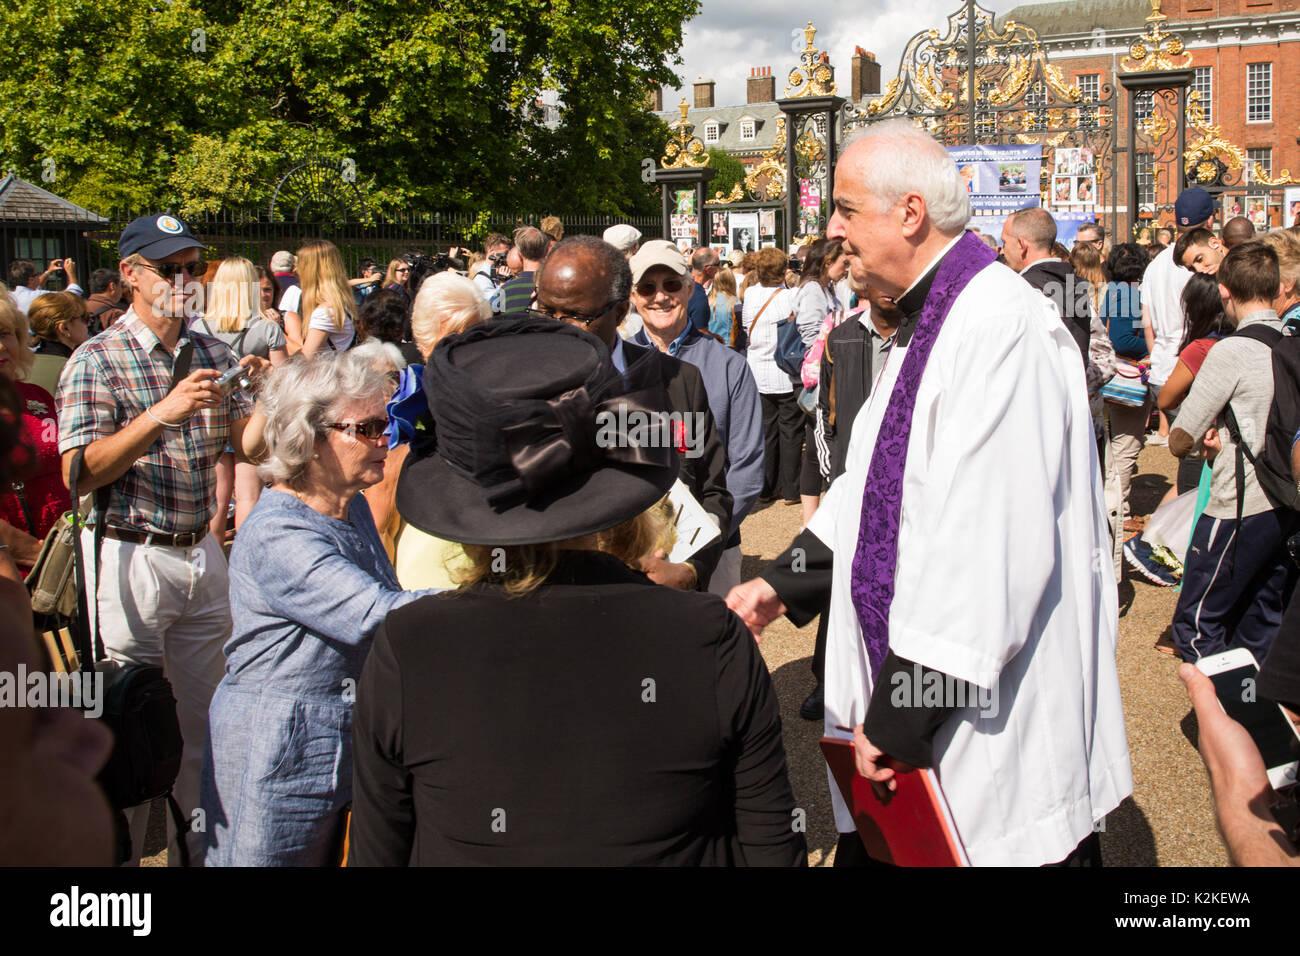 Londres, Royaume-Uni. Août 31, 2017. Le révérend Frank Gelli, Diana, princesse de Galles ancien prêtre, réconforte Banque D'Images